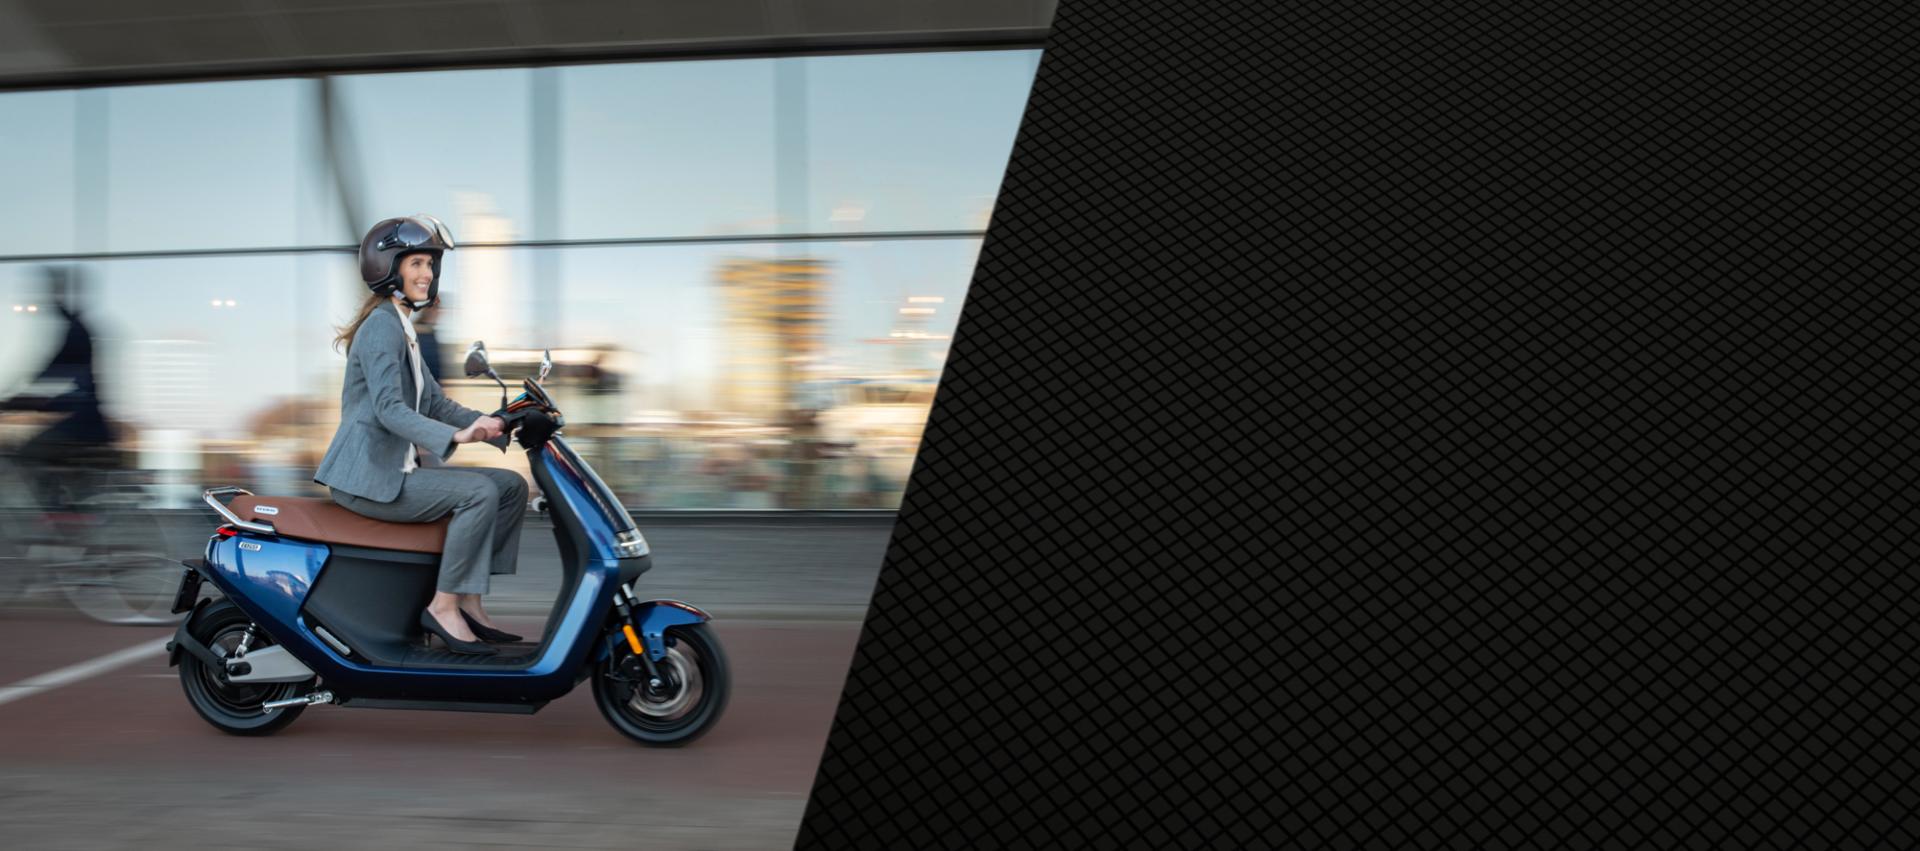 Sparen Sie Zeit mit dem RideyGo! Intelligentes System